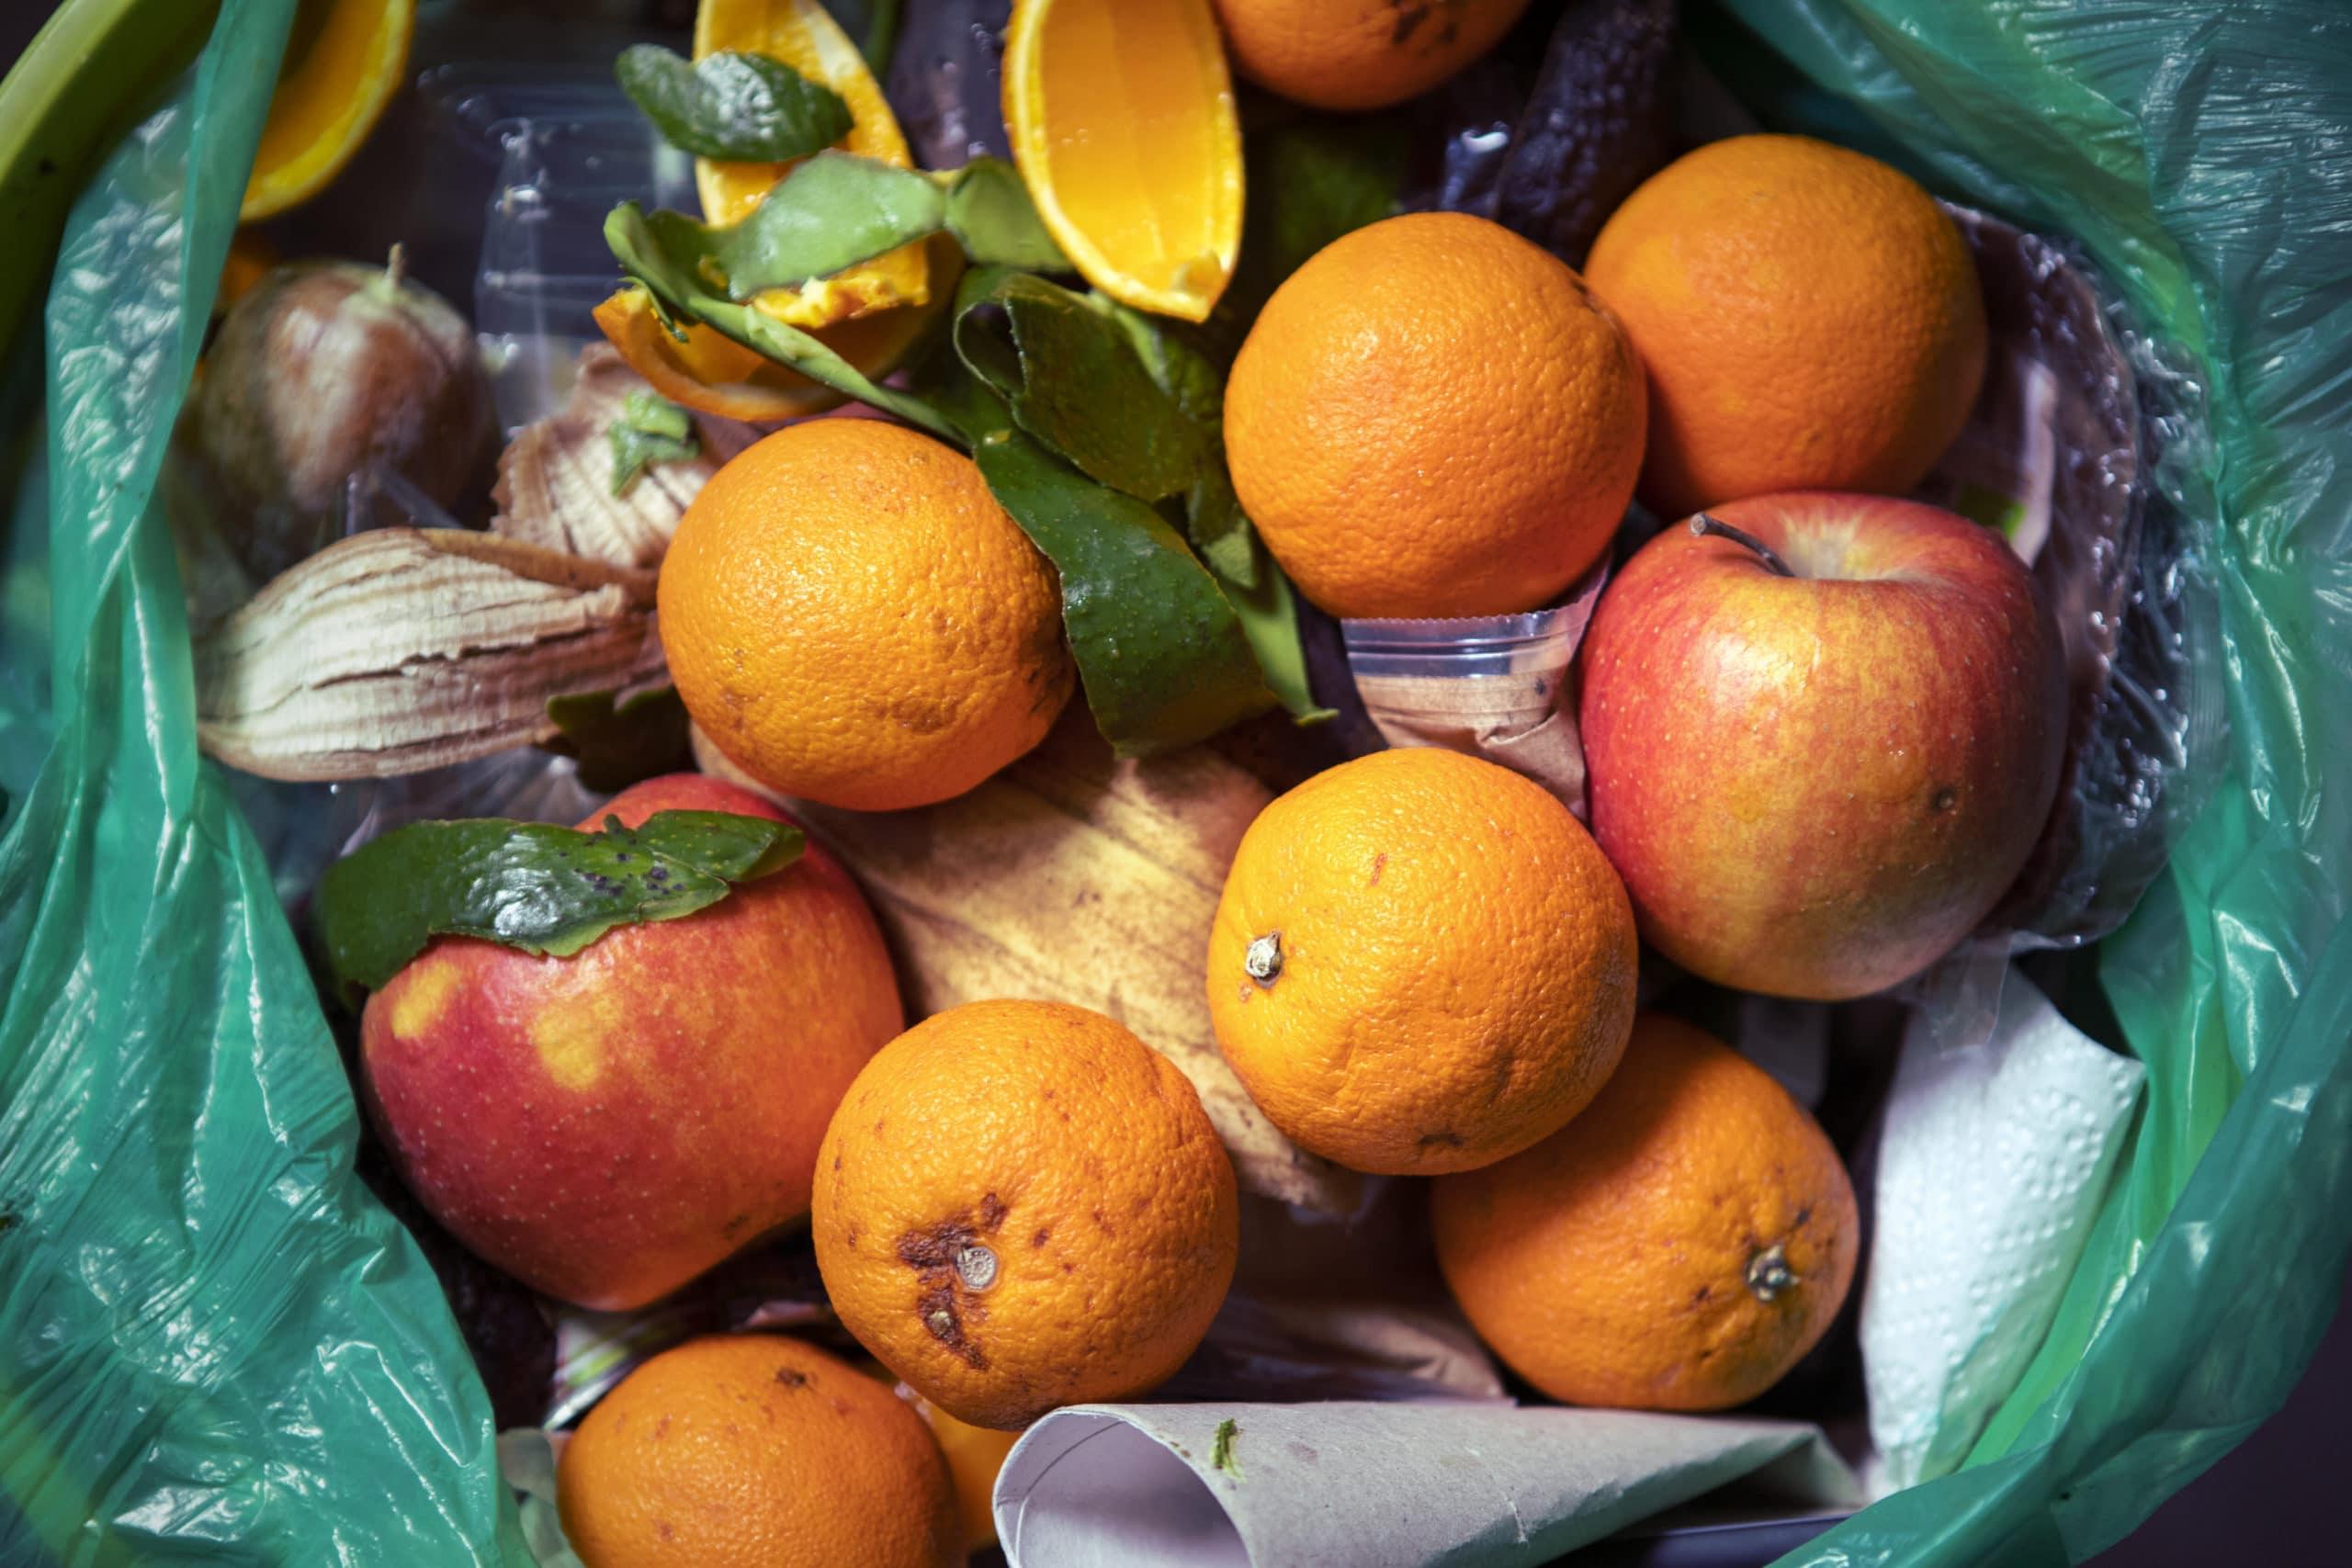 Reste von halb verfaulten Lebensmitteln und andere Abfälle im Papierkorb: Verfaulte Orangen und Äpfel.